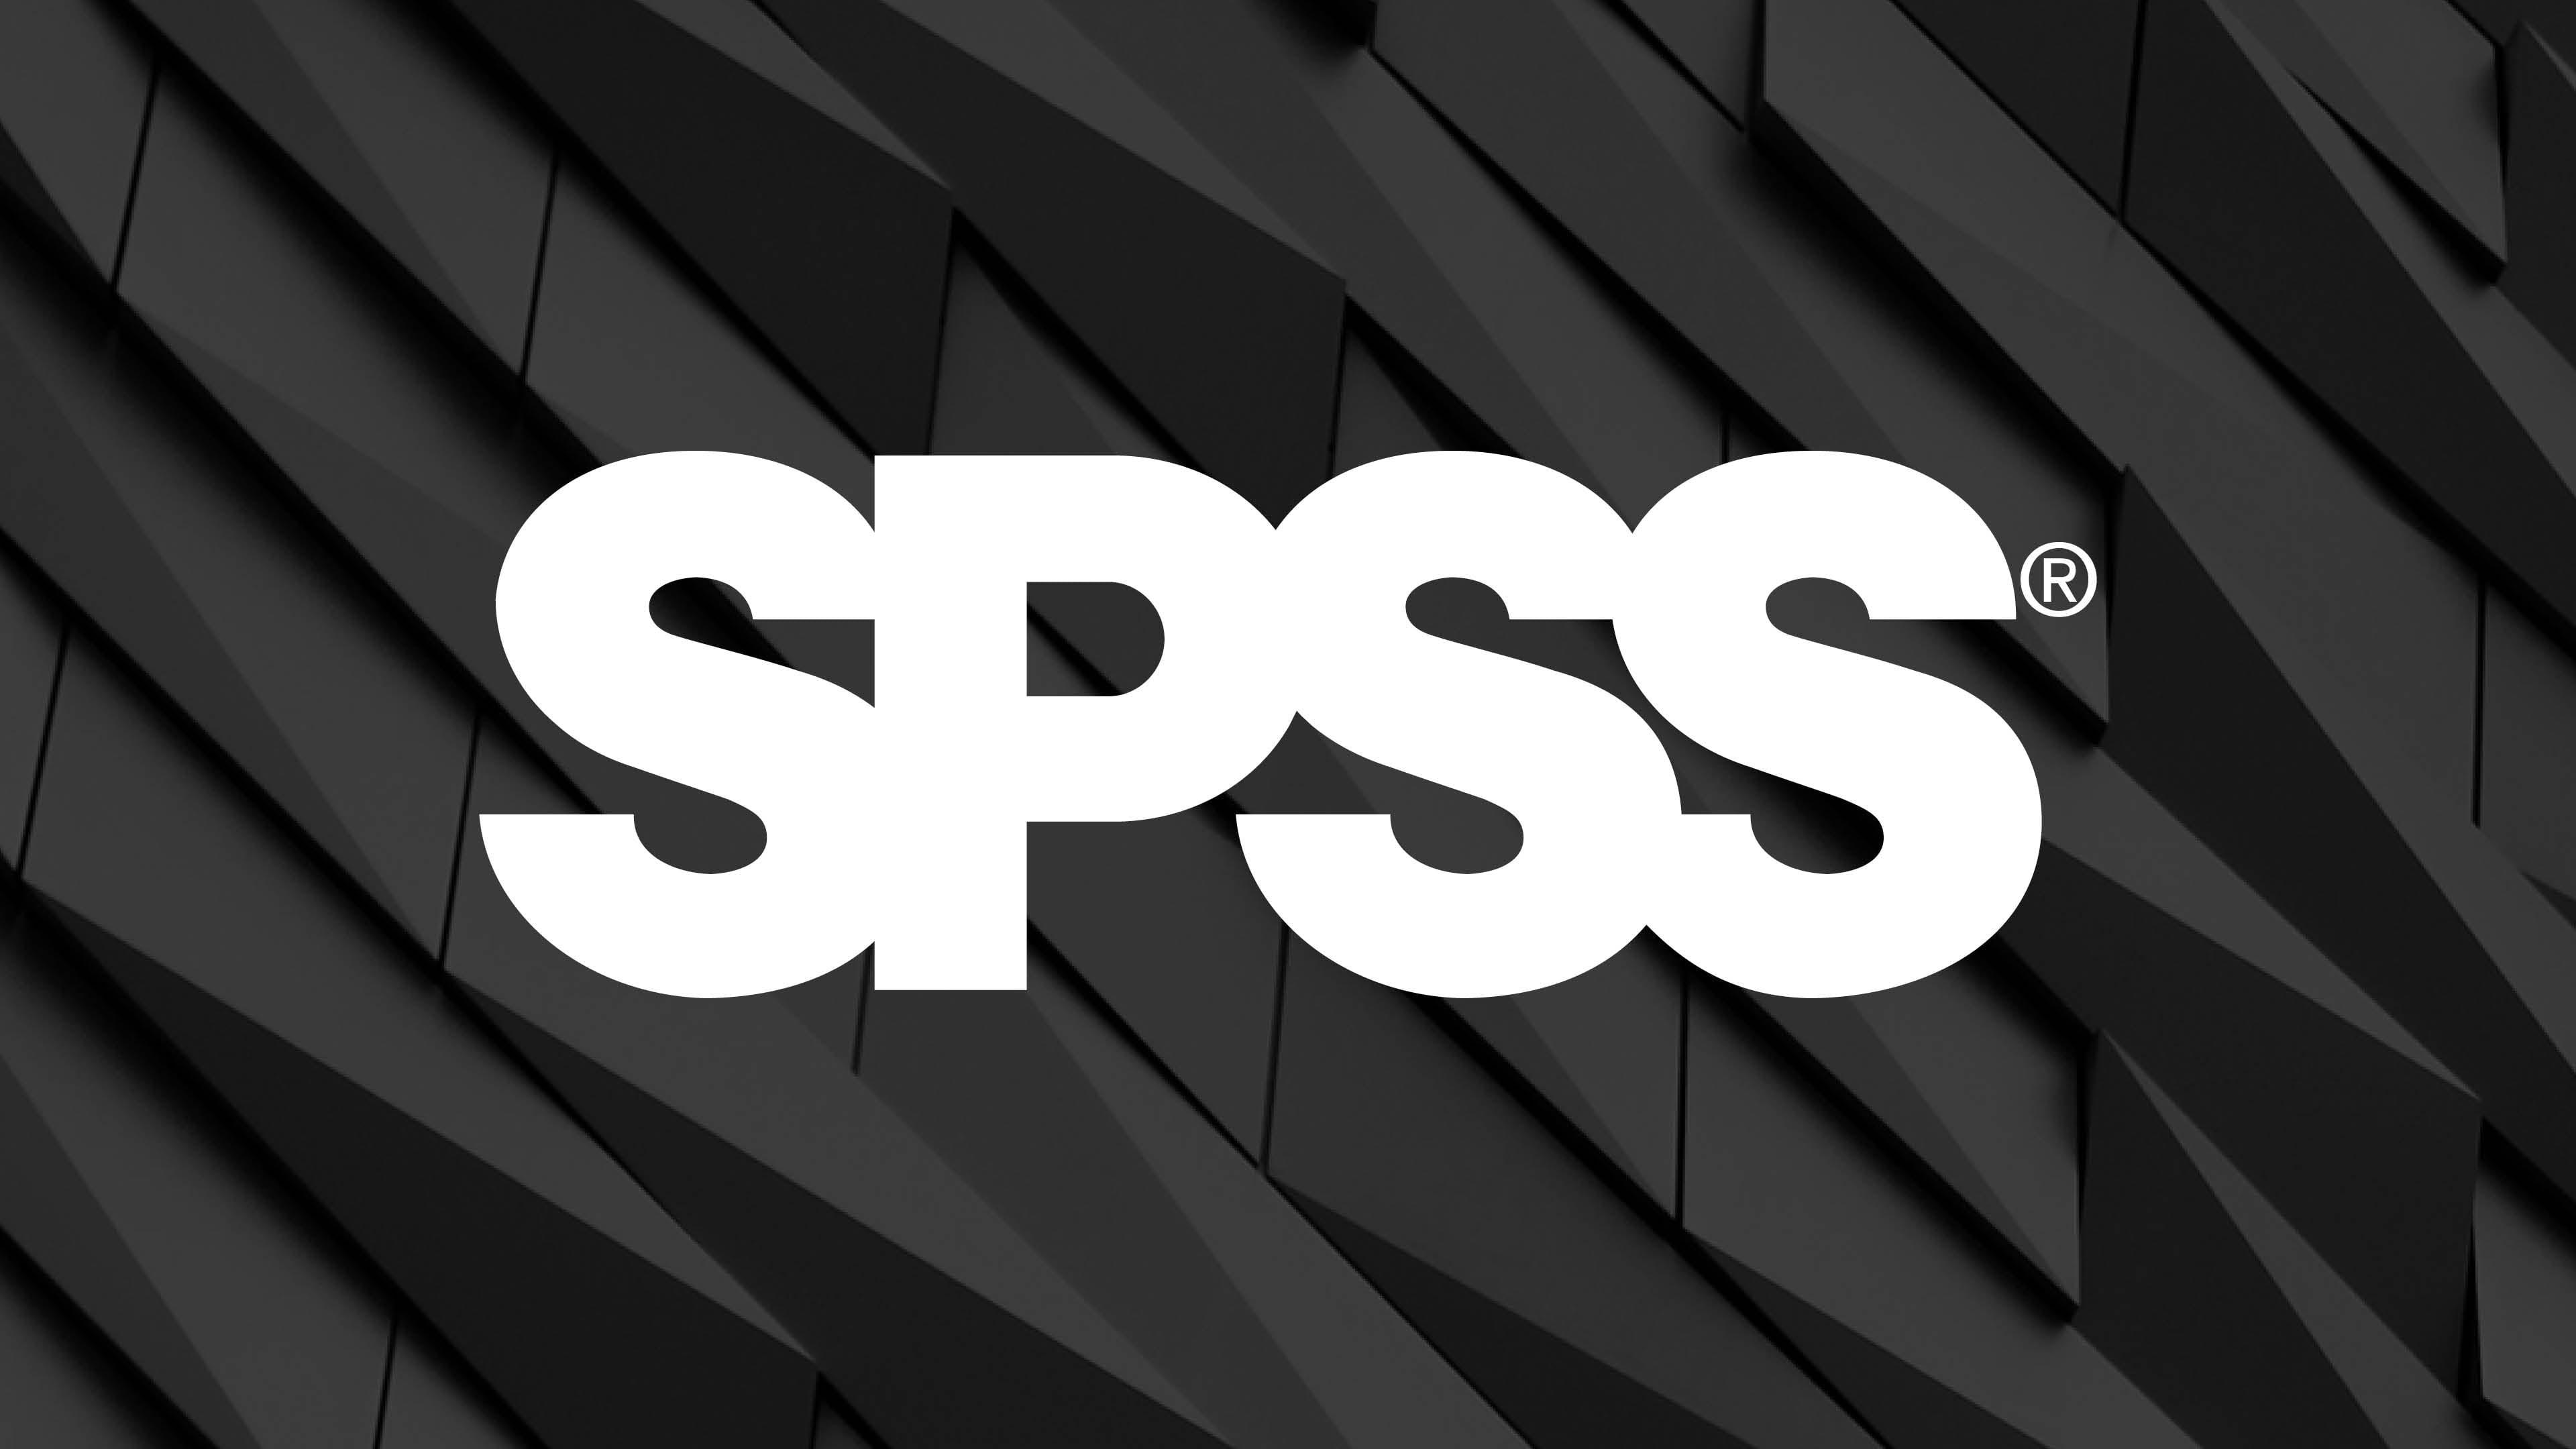 SPSS lead kép